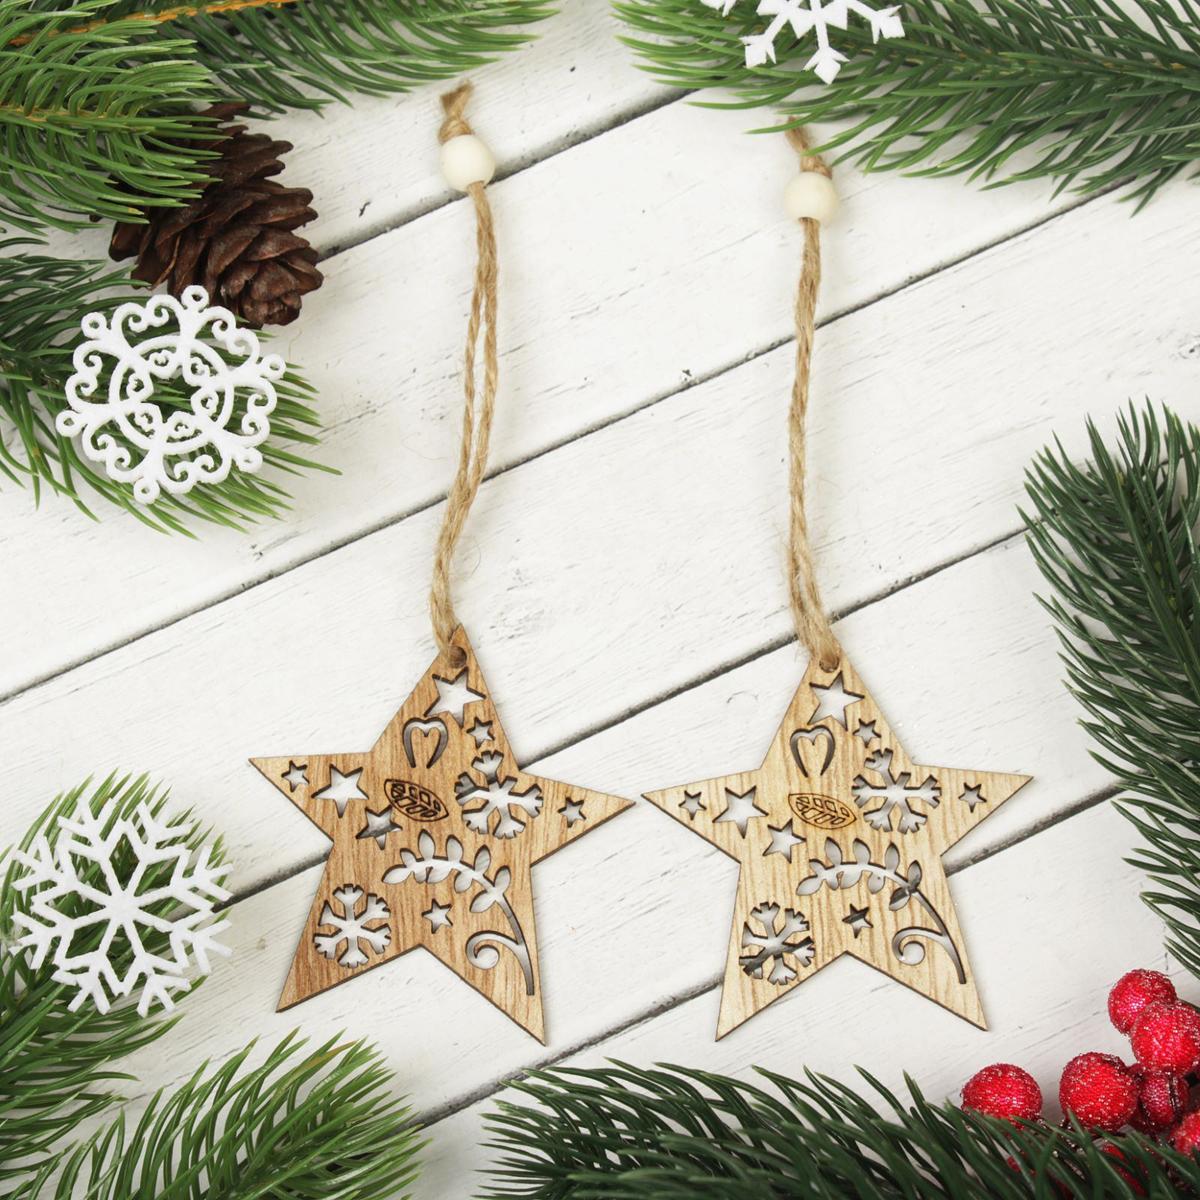 Украшение новогоднее подвесное Звезды в снежинках, 2 шт2303250Набор новогодних подвесных украшений, выполненных из дерева, отлично подойдет для декорации вашего дома и новогодней ели. С помощью специальной петельки украшение можно повесить в любом понравившемся вам месте. Но, конечно, удачнее всего оно будет смотреться на праздничной елке.Елочная игрушка - символ Нового года. Она несет в себе волшебство и красоту праздника. Такое украшение создаст в вашем доме атмосферу праздника, веселья и радости. В комплекте 2 украшения.